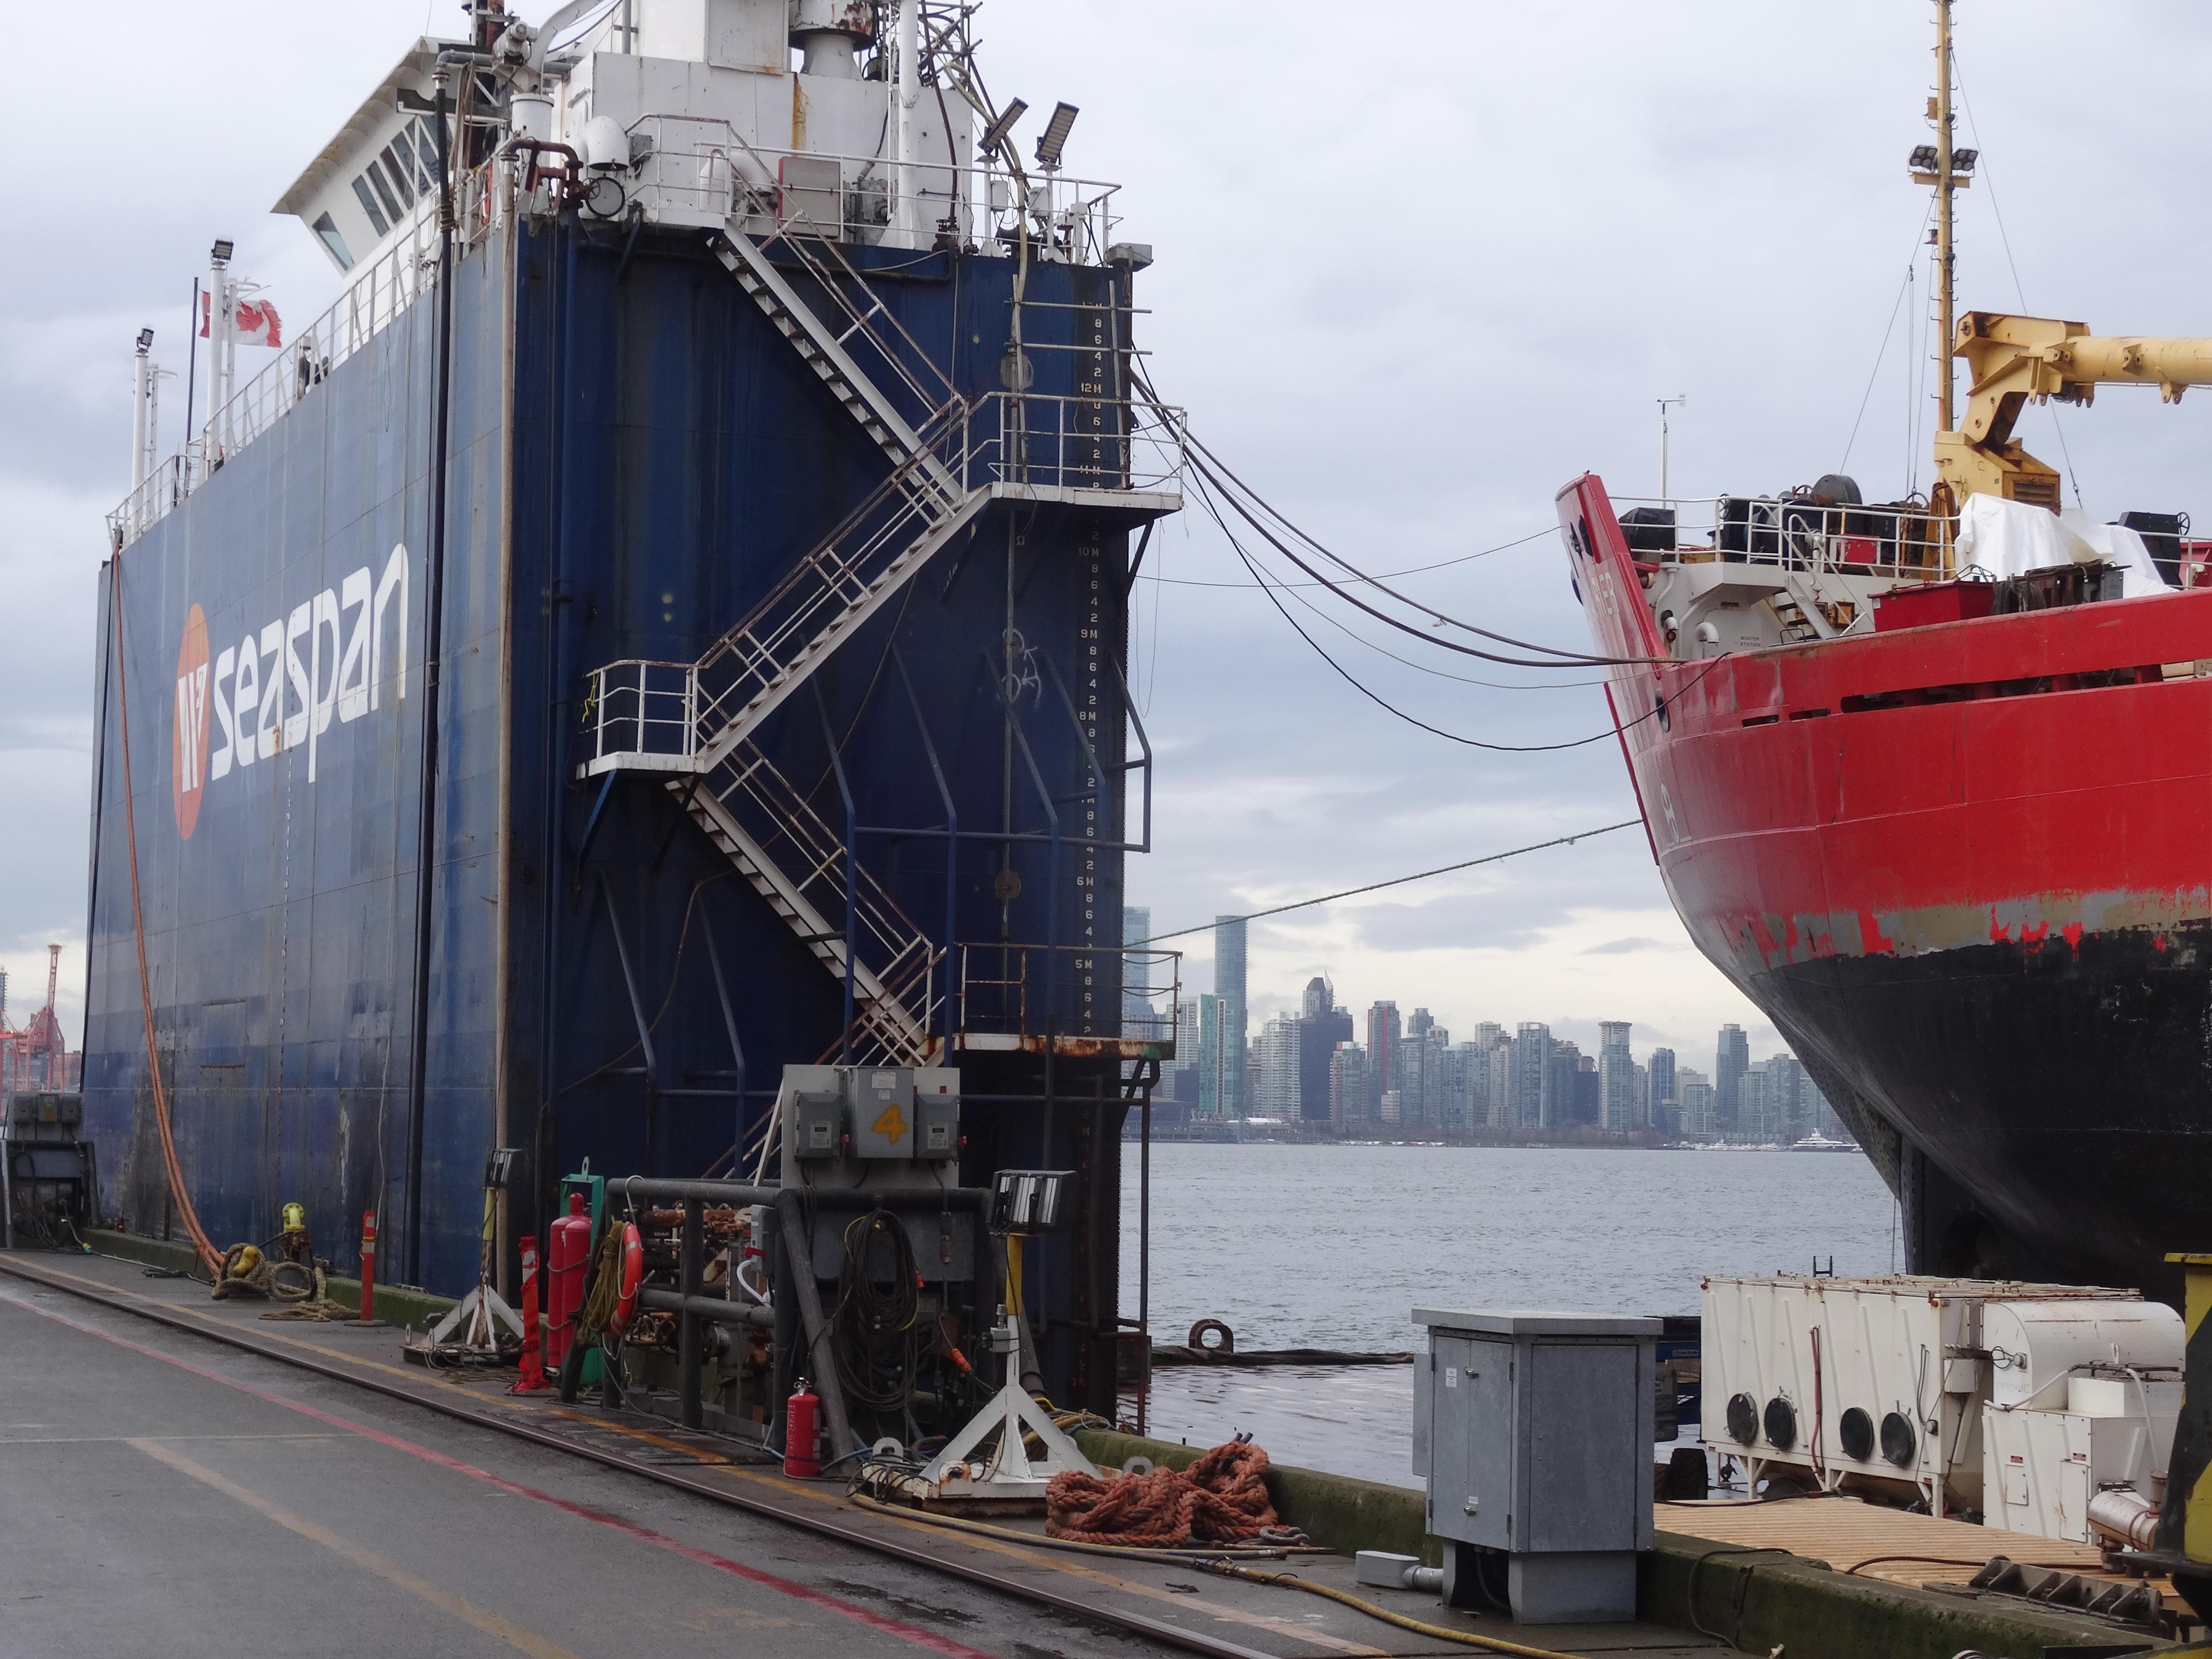 Floorganise visits Seaspan / Victoria Shipyard in Vancouver